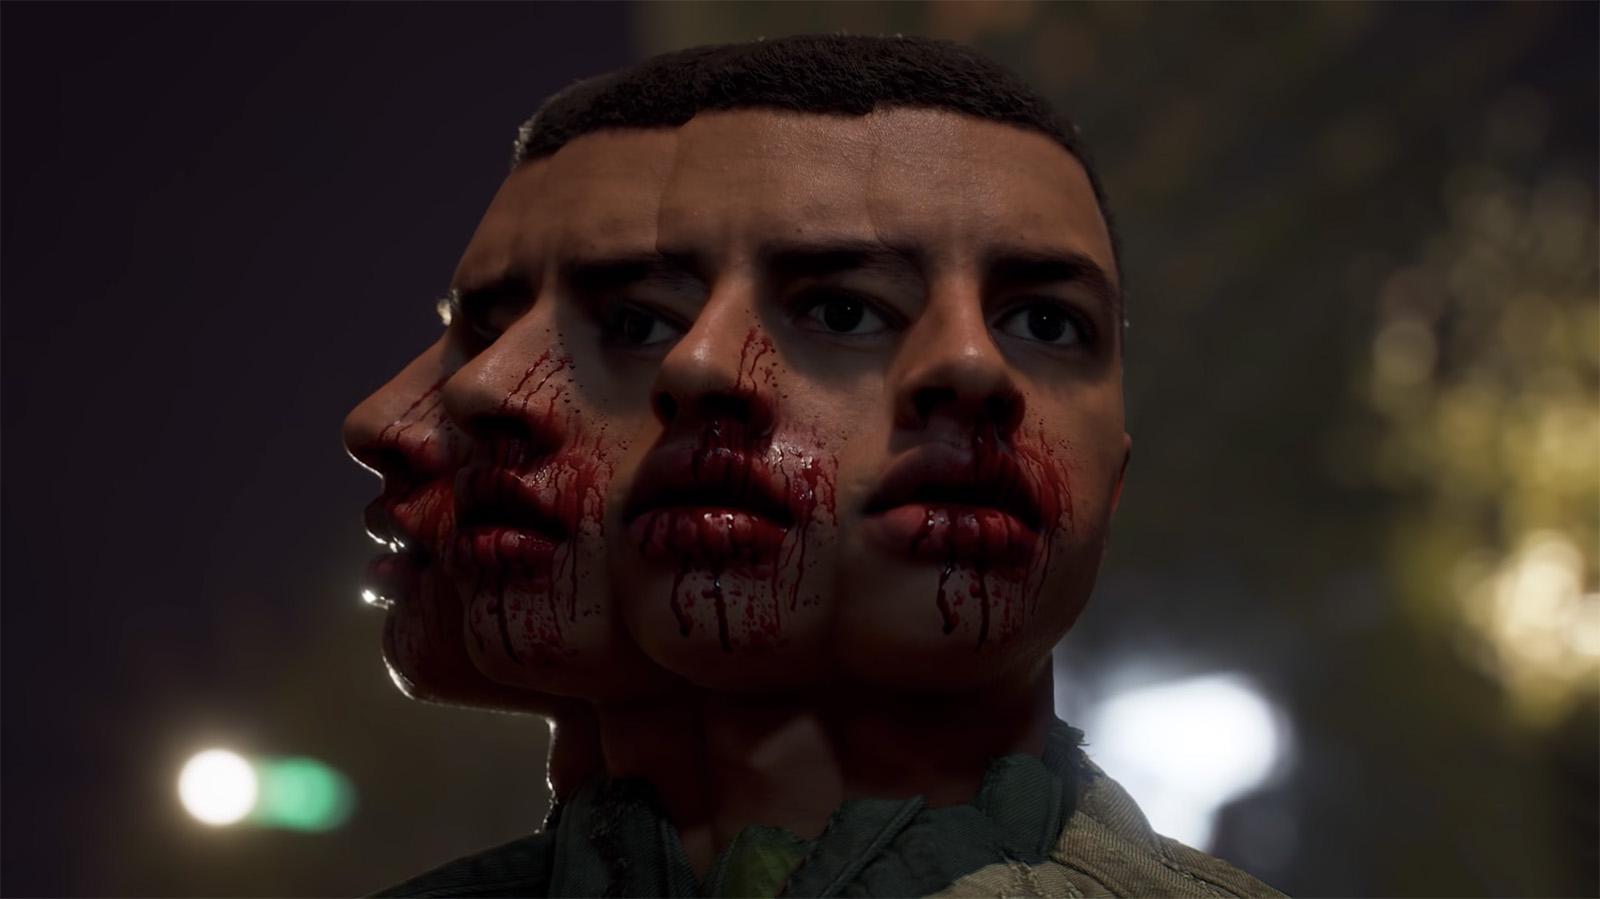 [Перевод] CG-моделинг 80 уровня: фотореалистичные персонажи real-time в Unreal